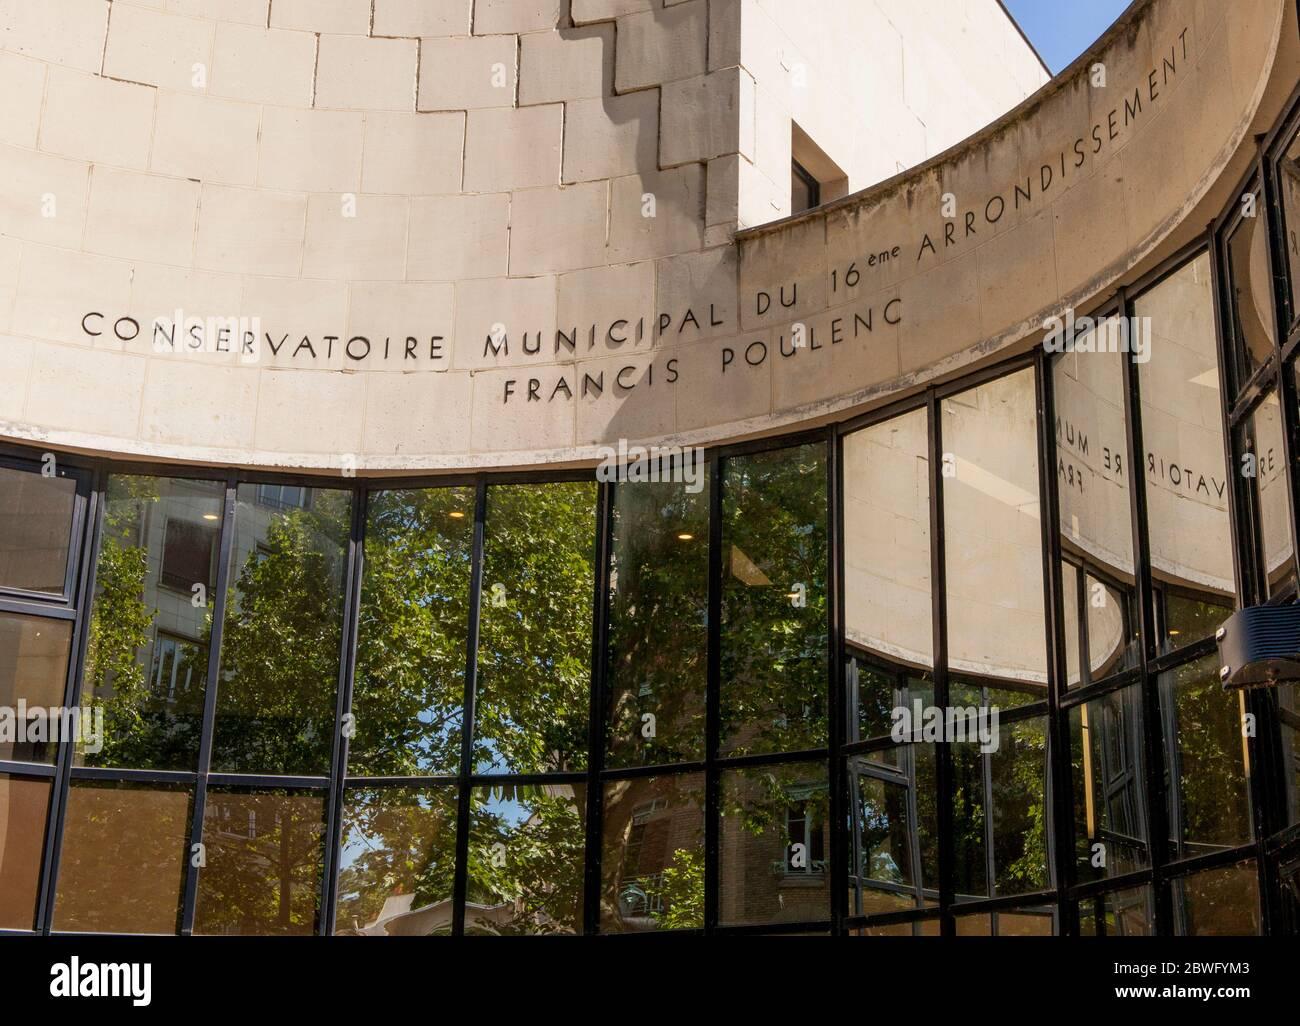 Conservatoire Municipal Francis Poulenc, 11 Rue Jean de la Fontaine, 75016 Paris, France Stock Photo